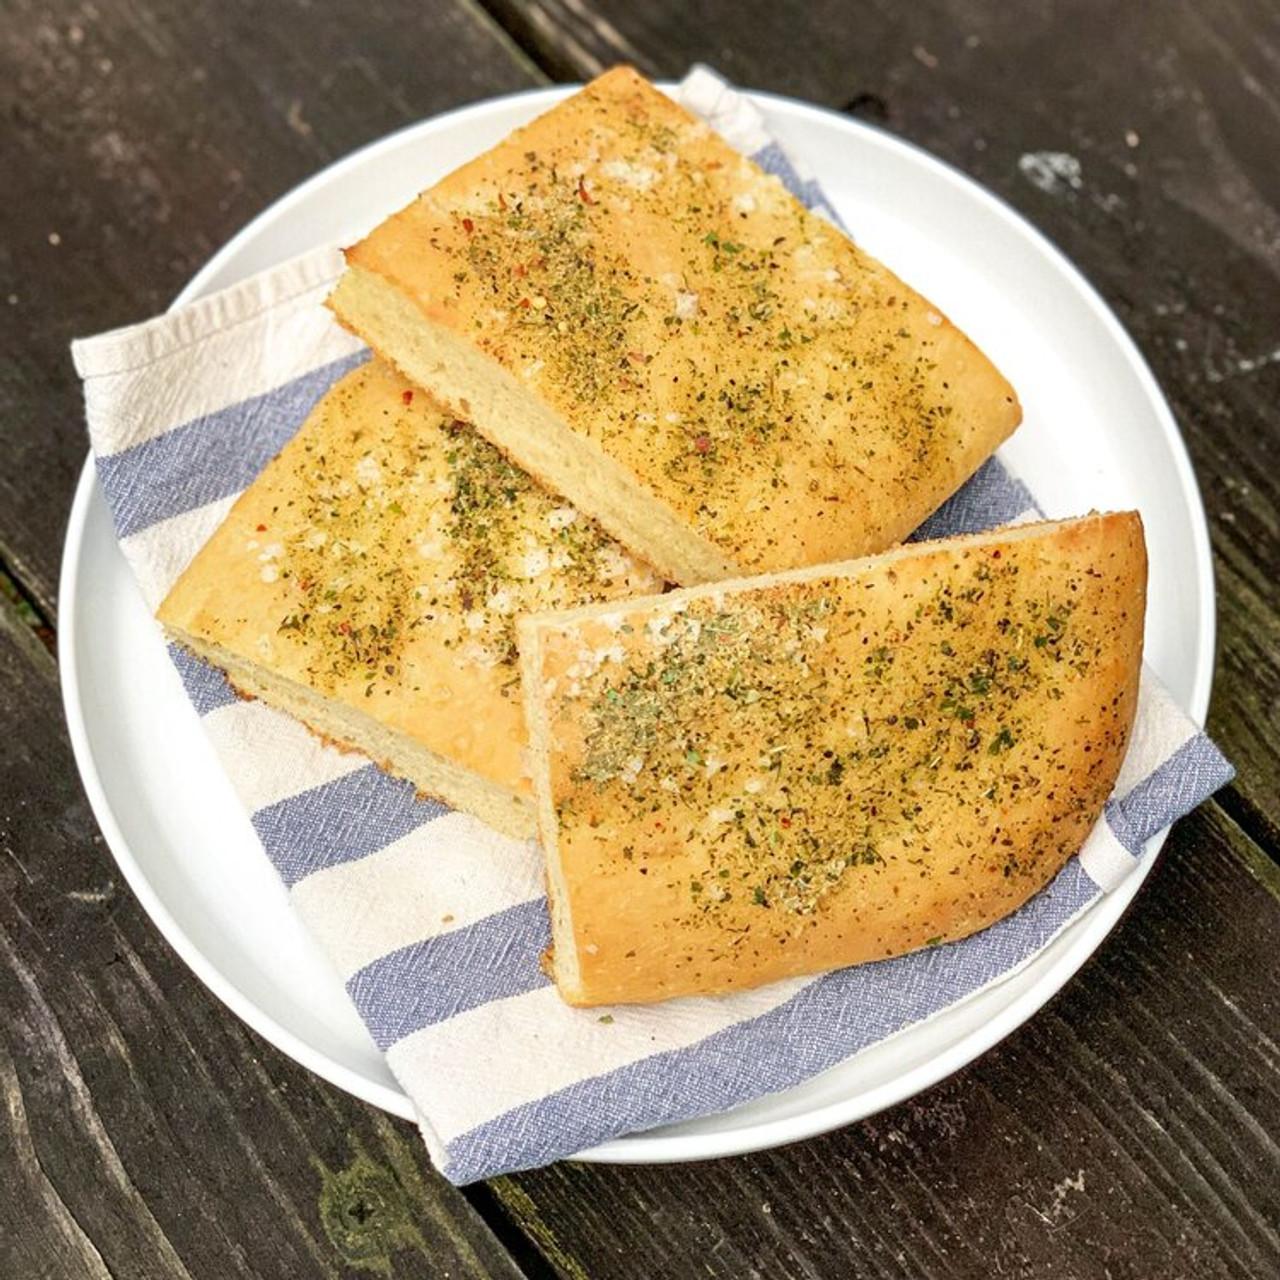 Garlic Herb Focaccia Baking Kit